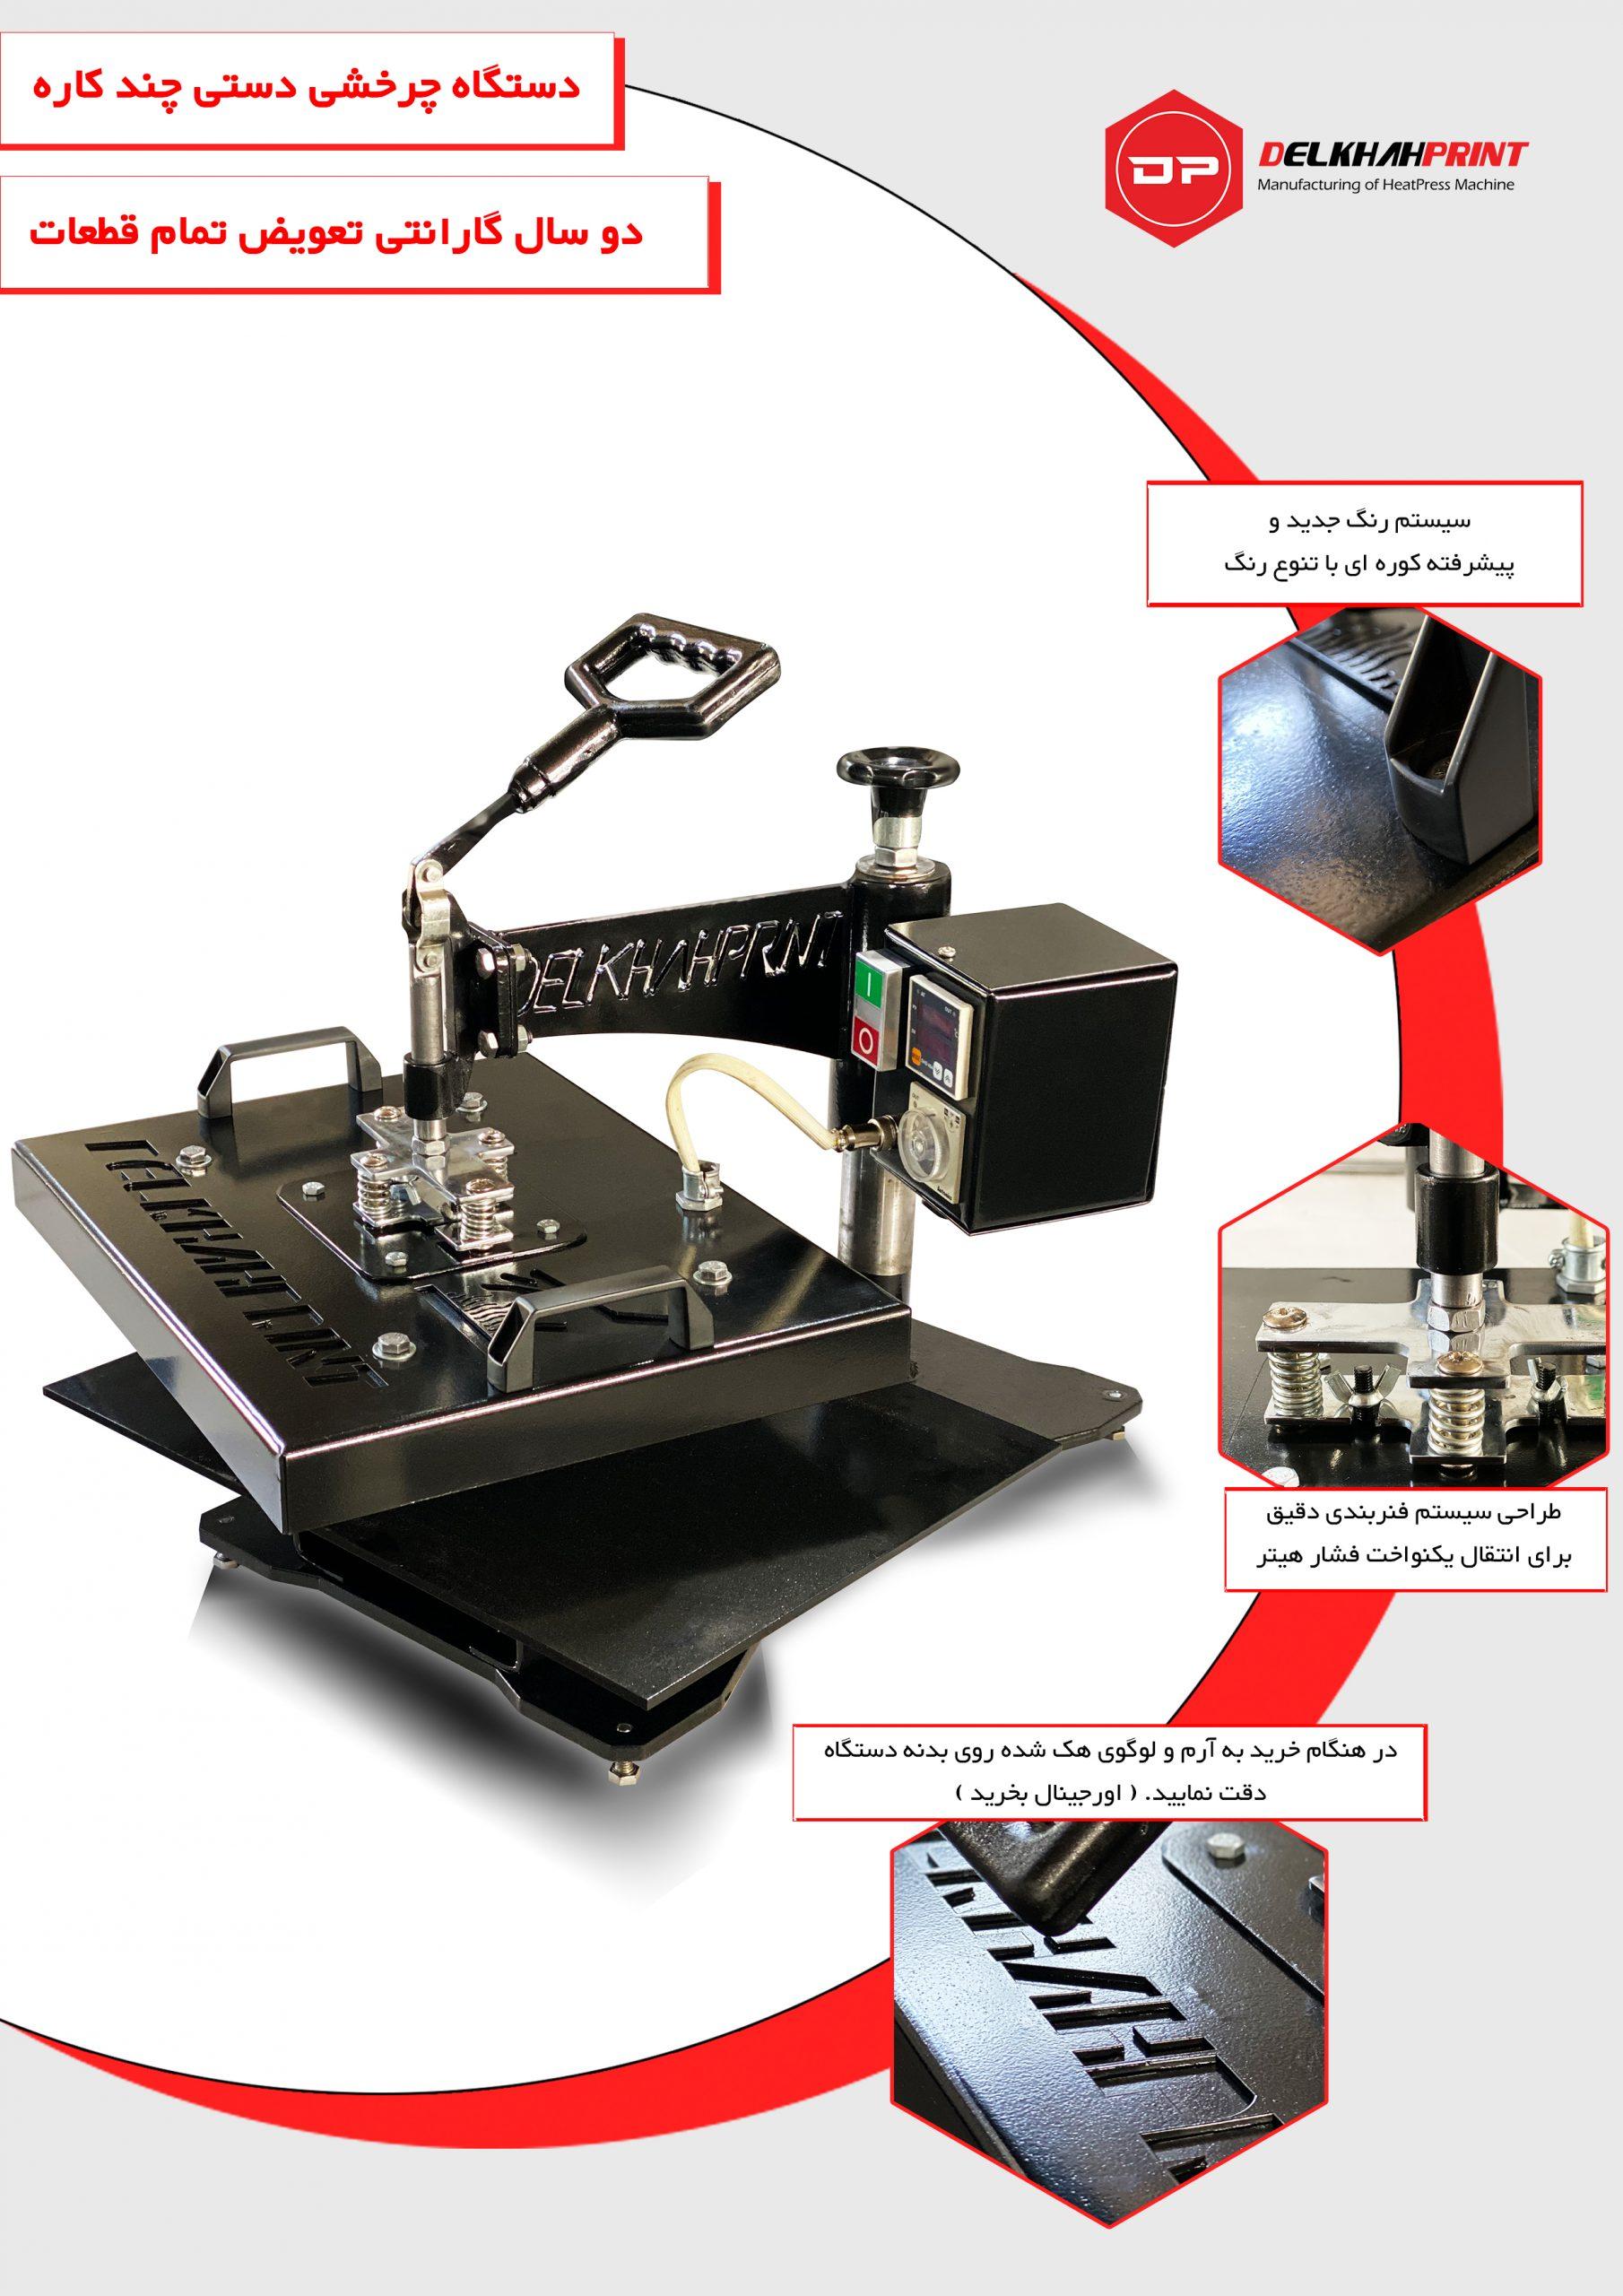 دستگاه چاپ حرارتی